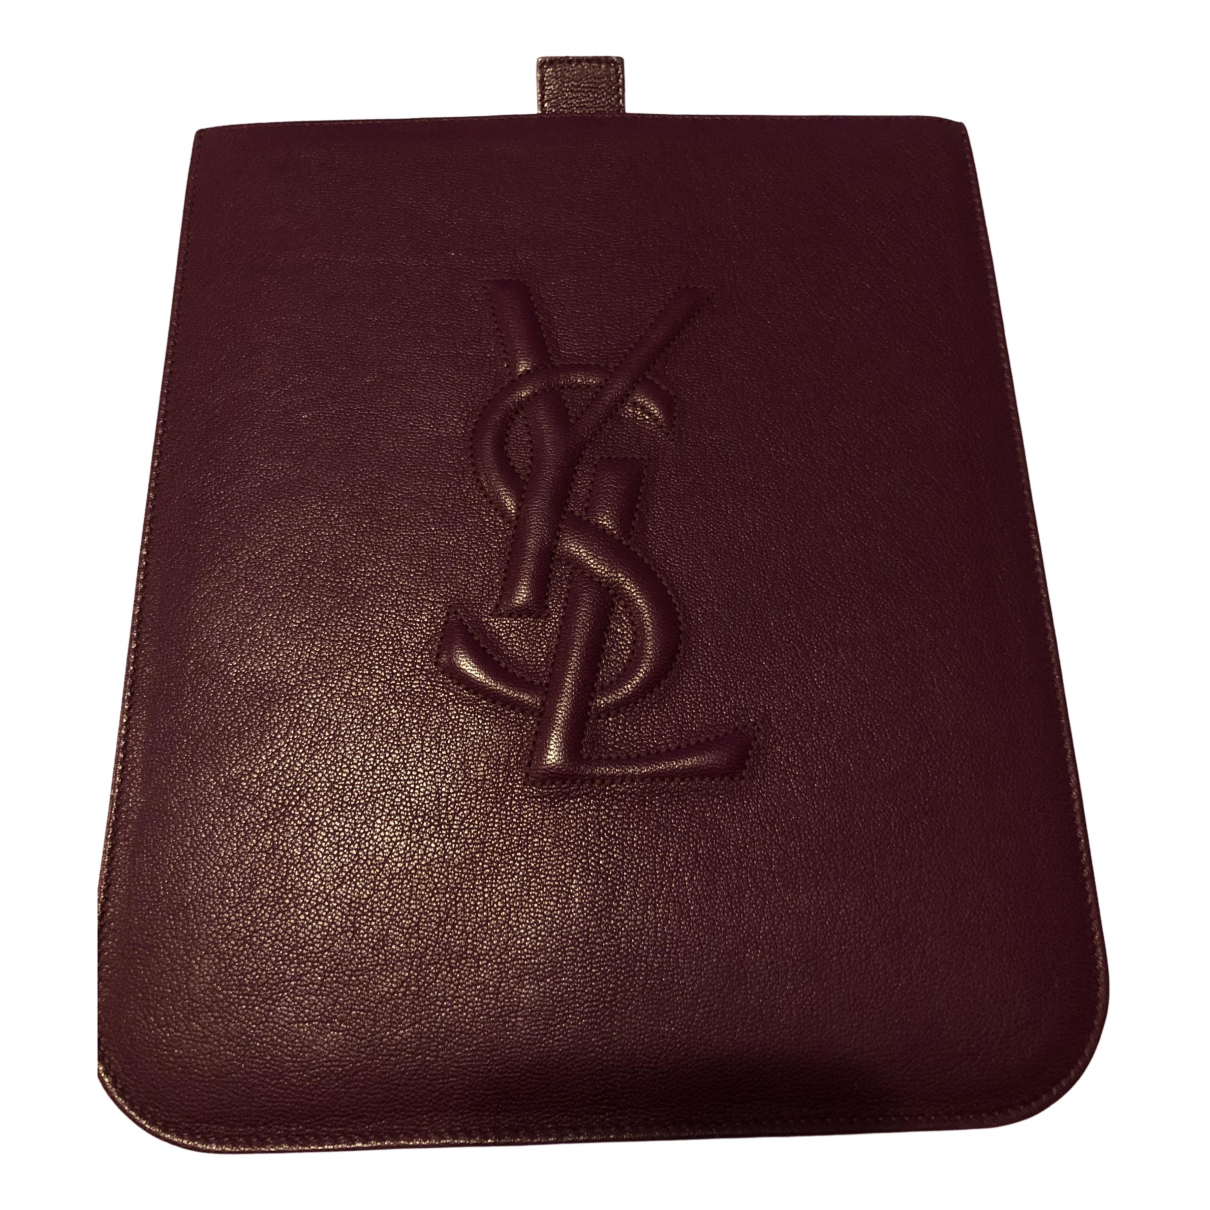 Yves Saint Laurent - Accessoires   pour lifestyle en cuir - violet